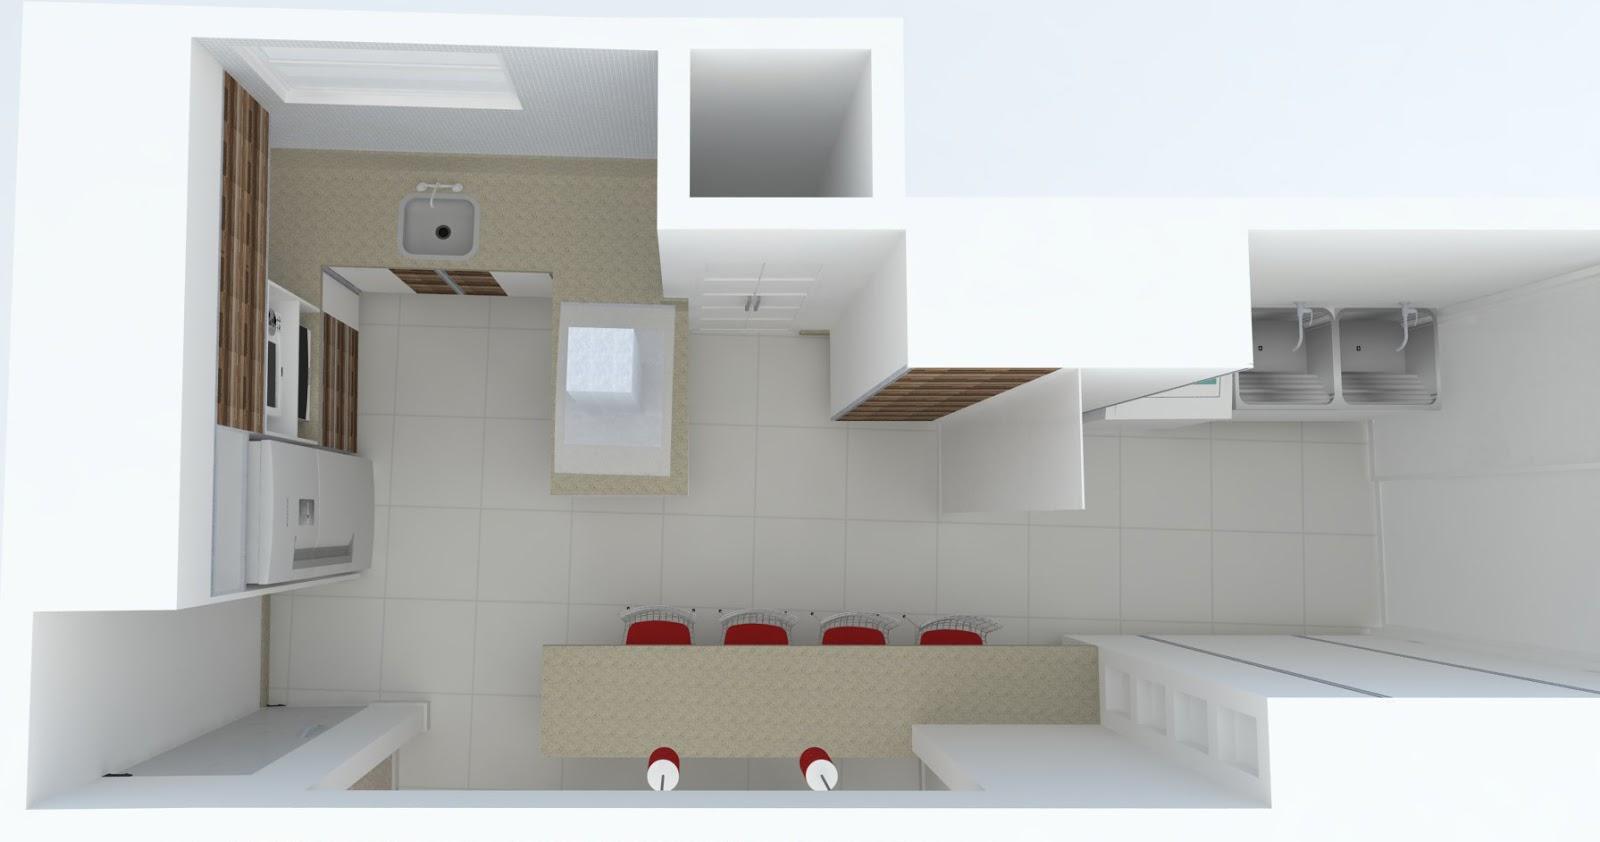 Projeto Arquitetônico de Interior Refoma Cozinha /Lavanderia/ Sala  #643B31 1600 842